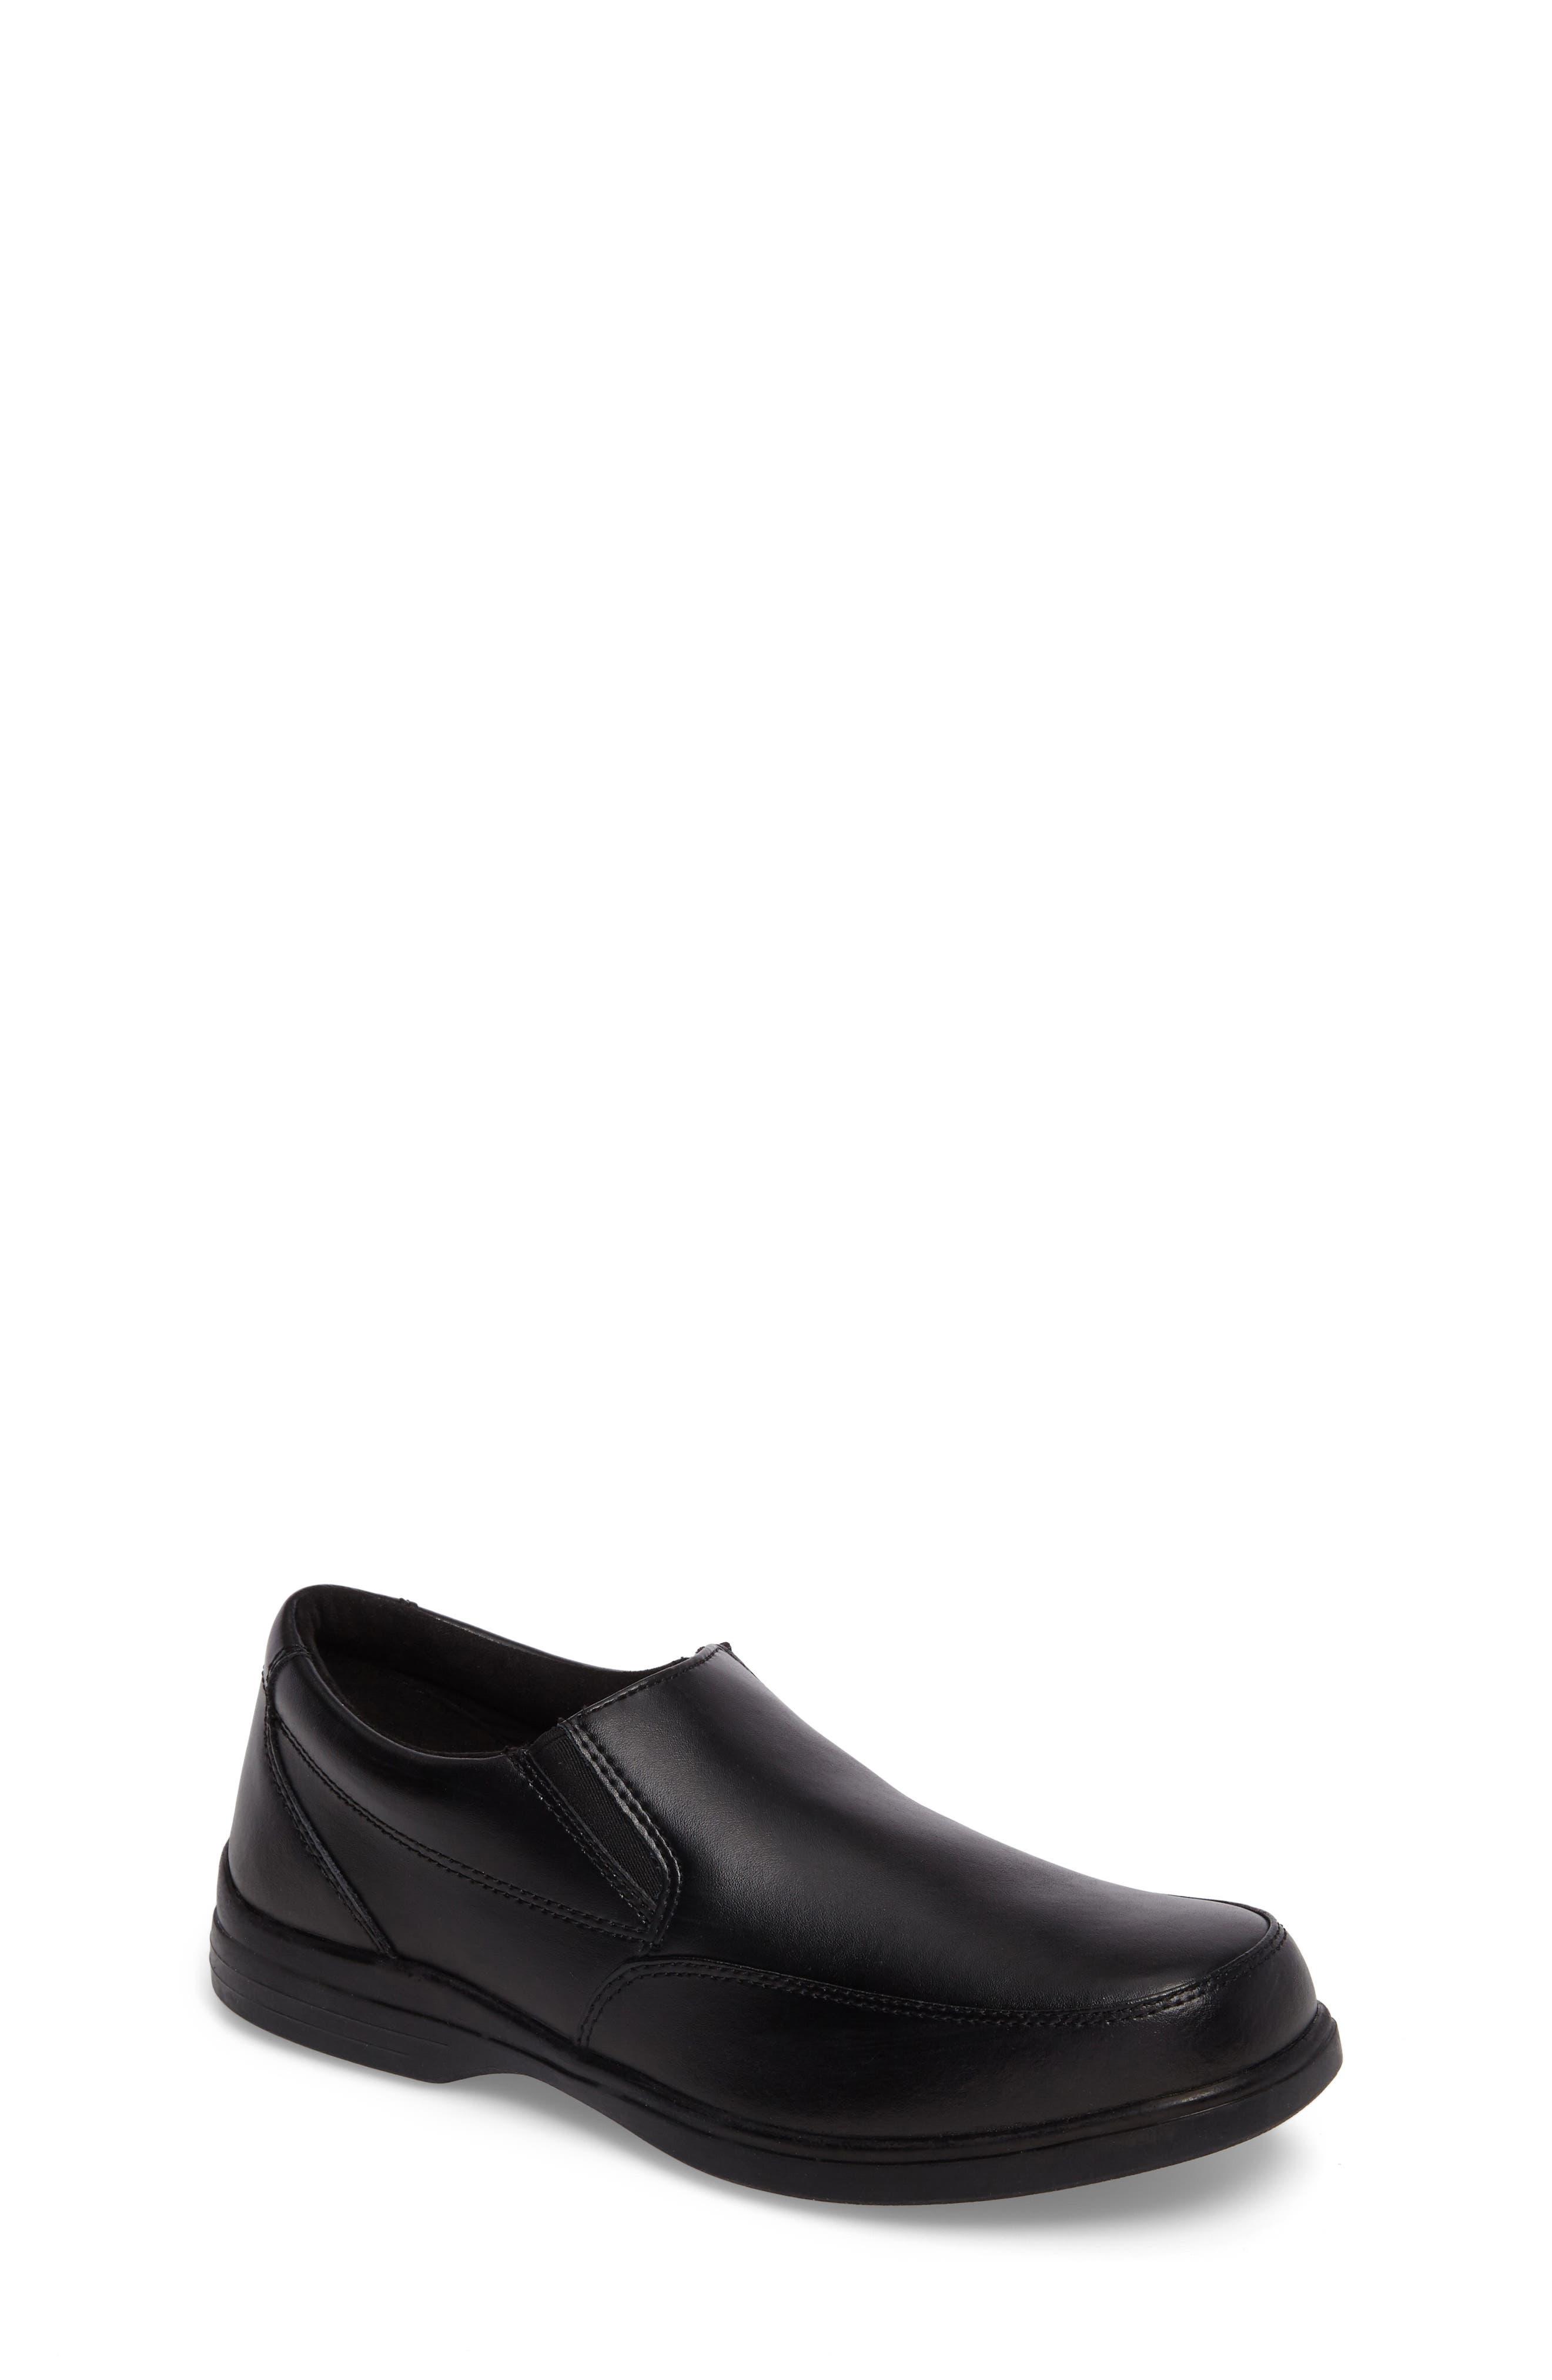 Shane Slip-On Dress Shoe,                             Main thumbnail 1, color,                             Black Leather